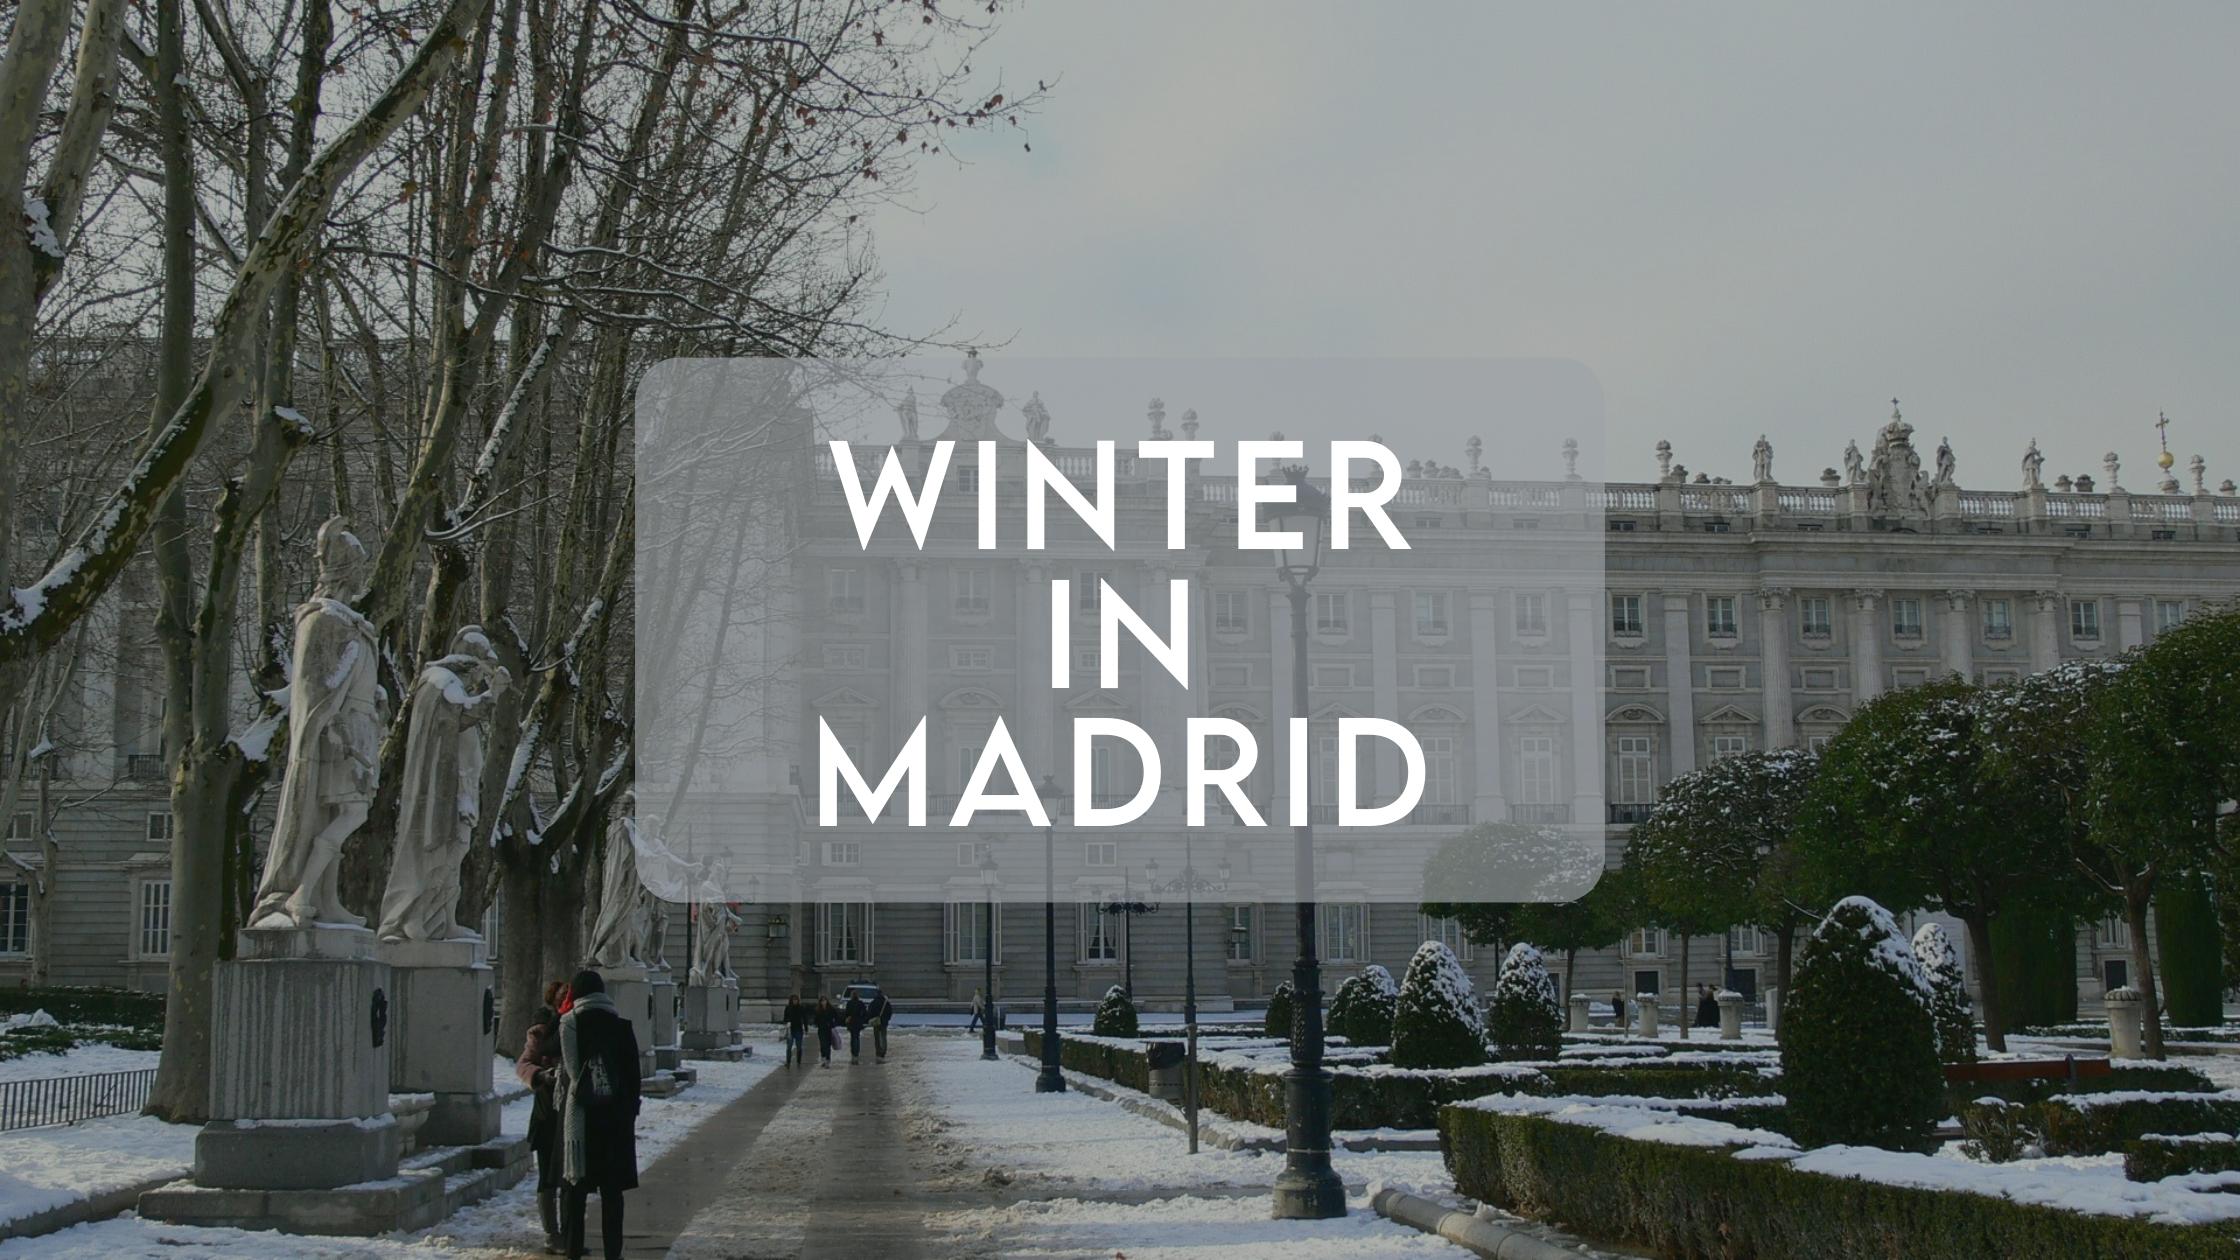 En este momento estás viendo Winter in Spain